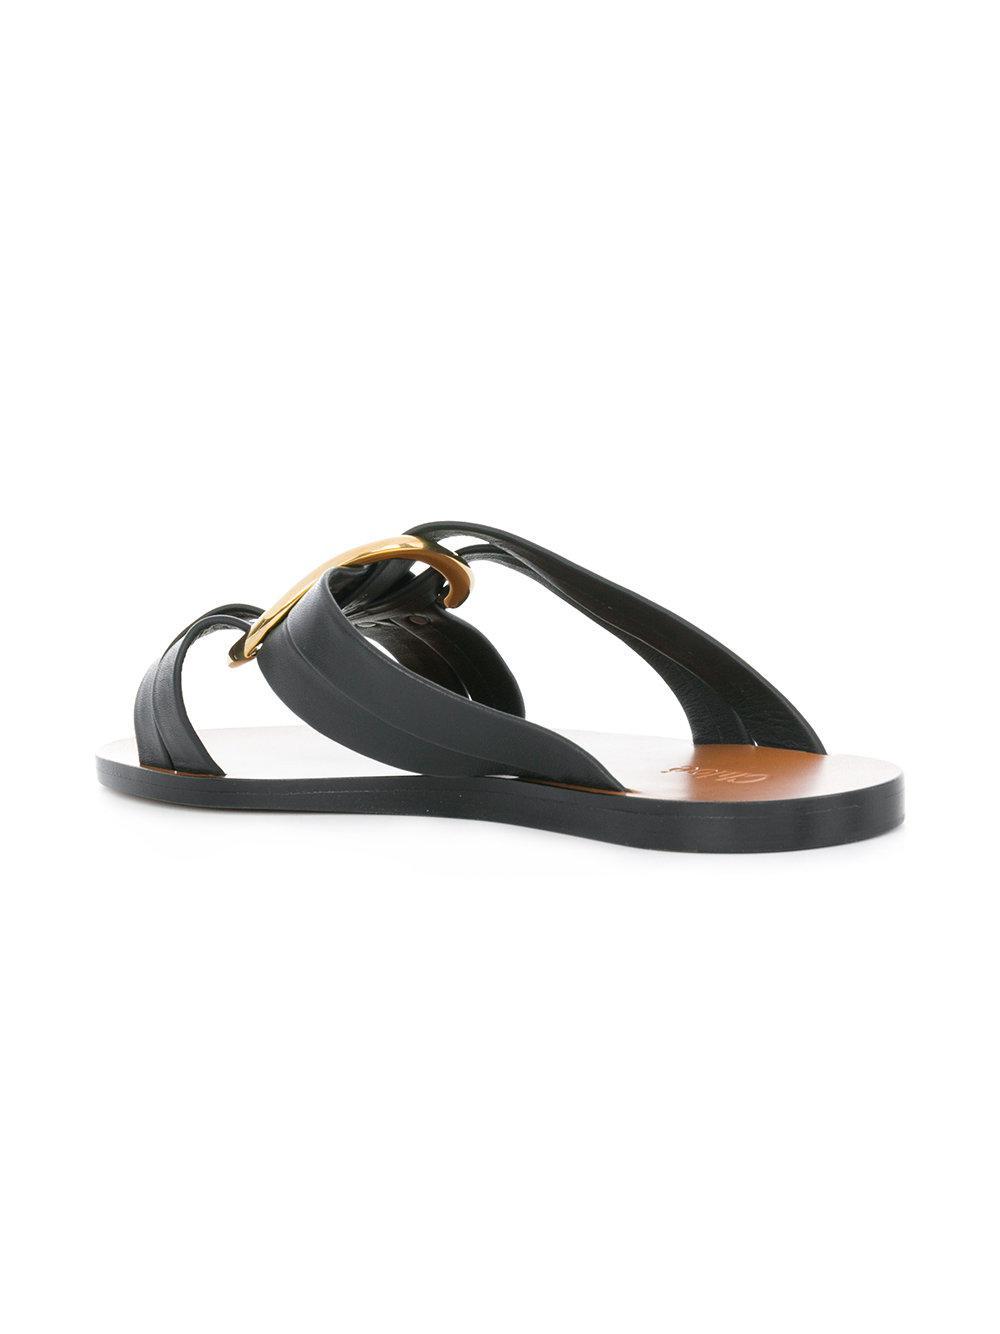 ring embellished slippers - Black Chlo�� ekP890